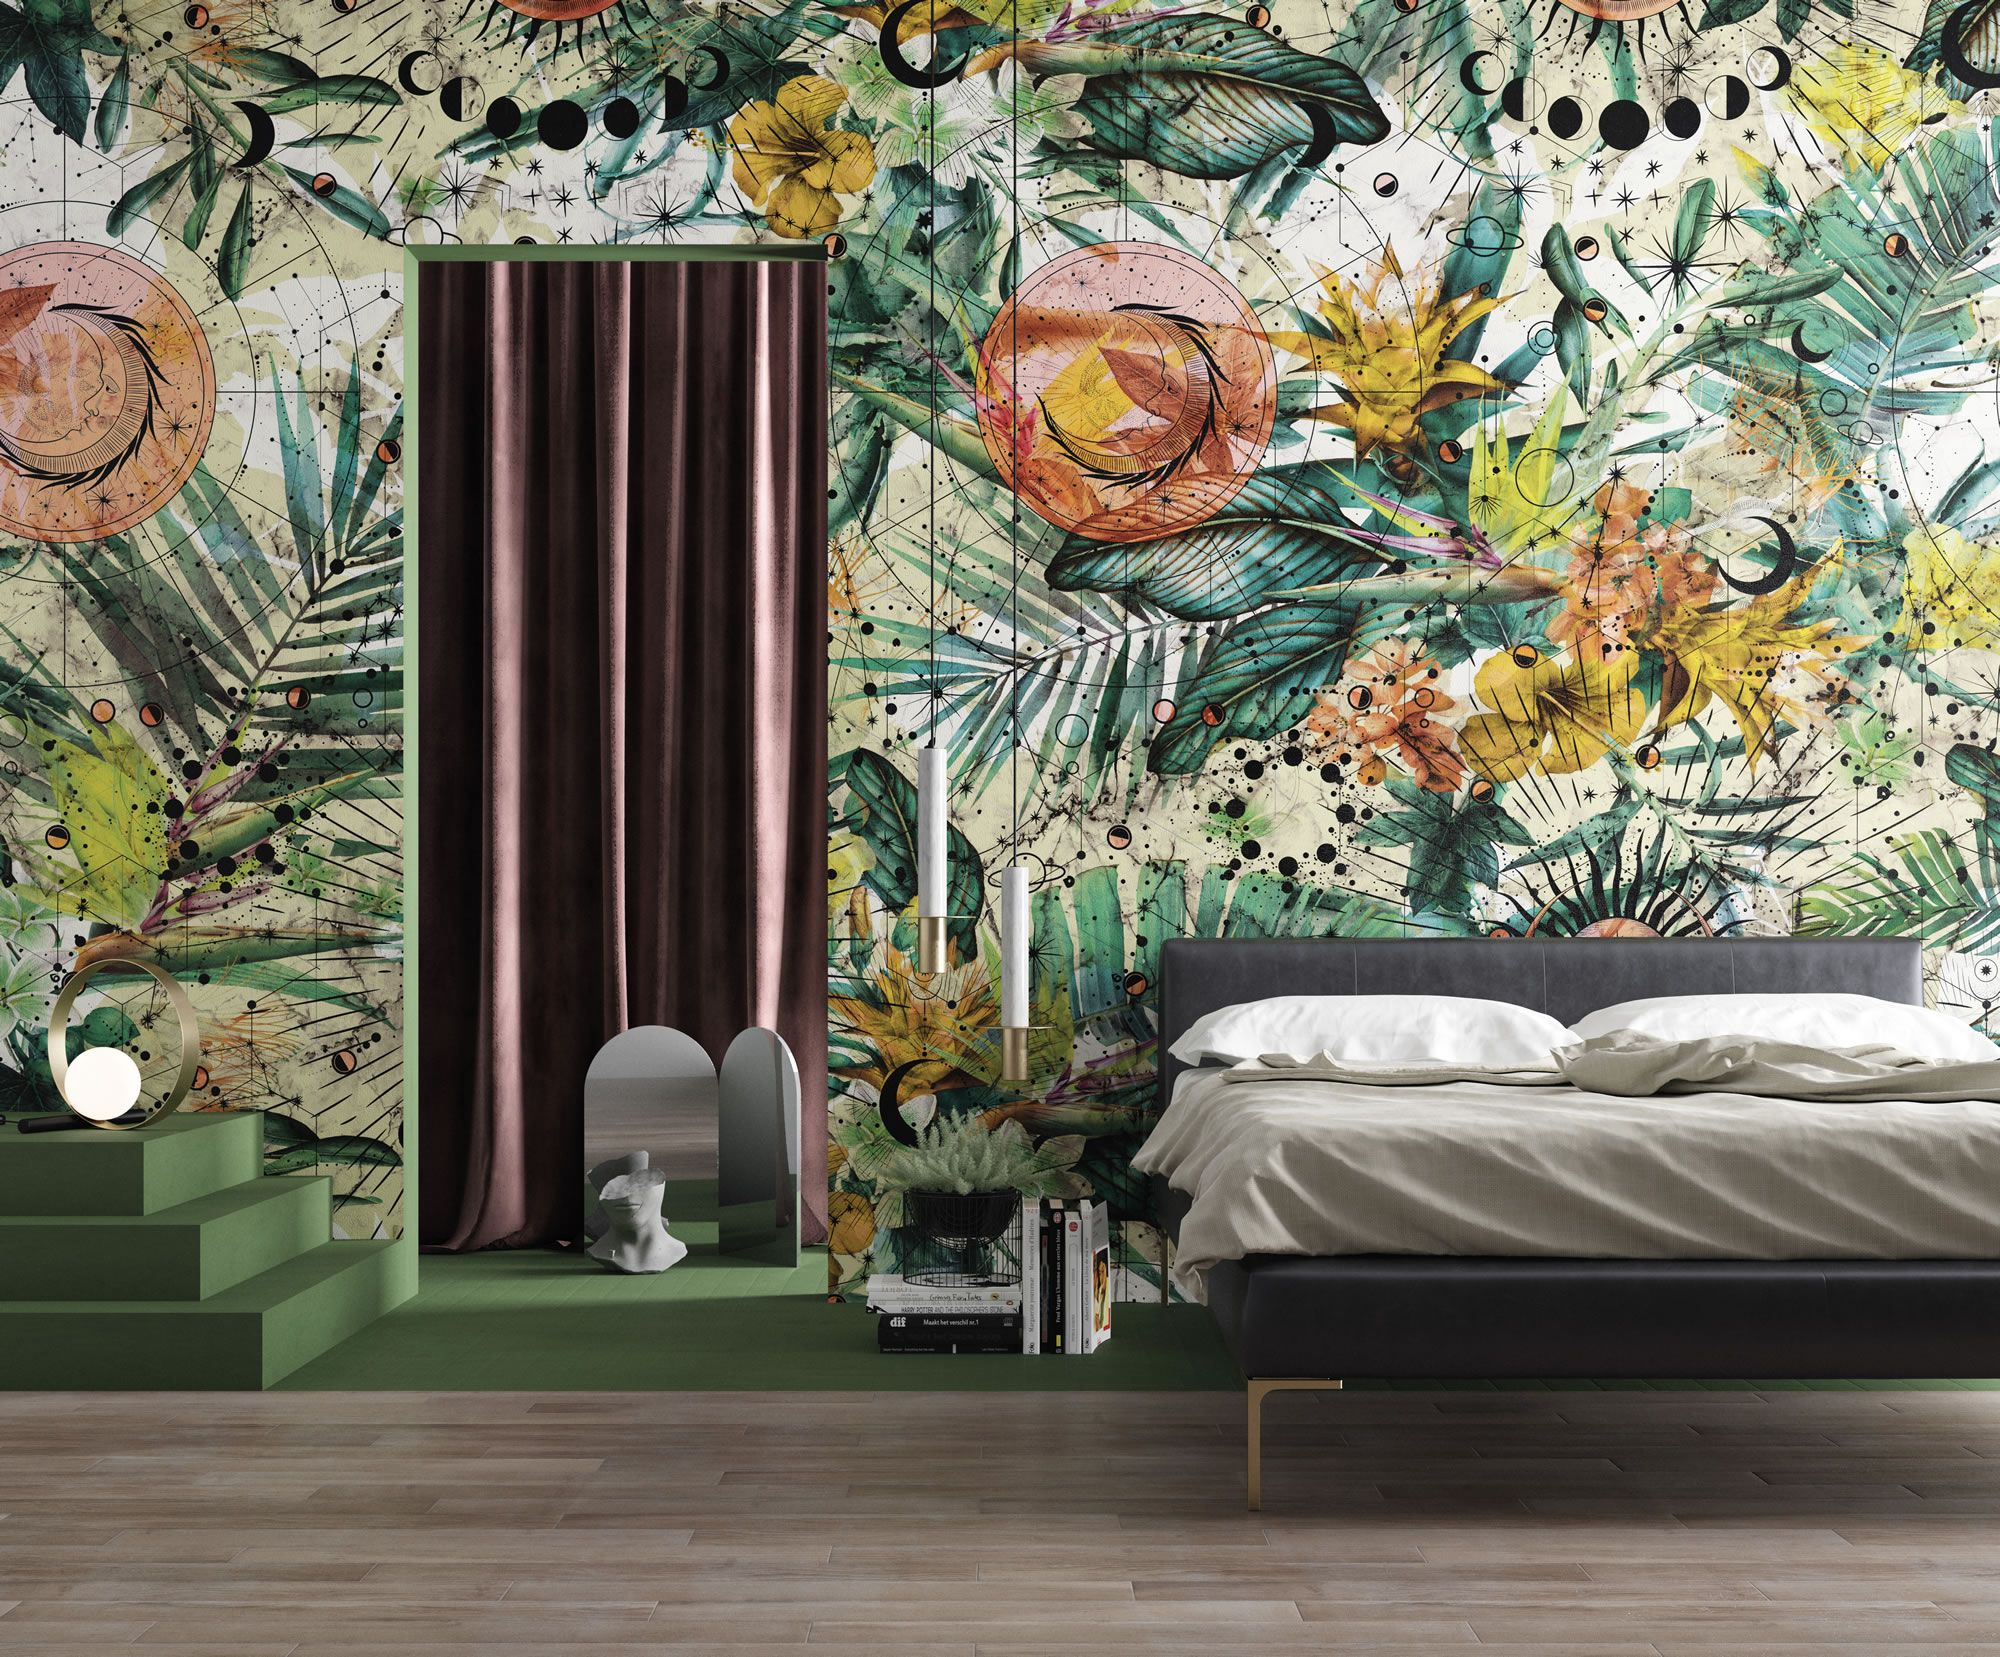 Pro e contro, prezzi, temi, tipologie (2021). 2020 Wallpapers Embrace Dreamy Decor